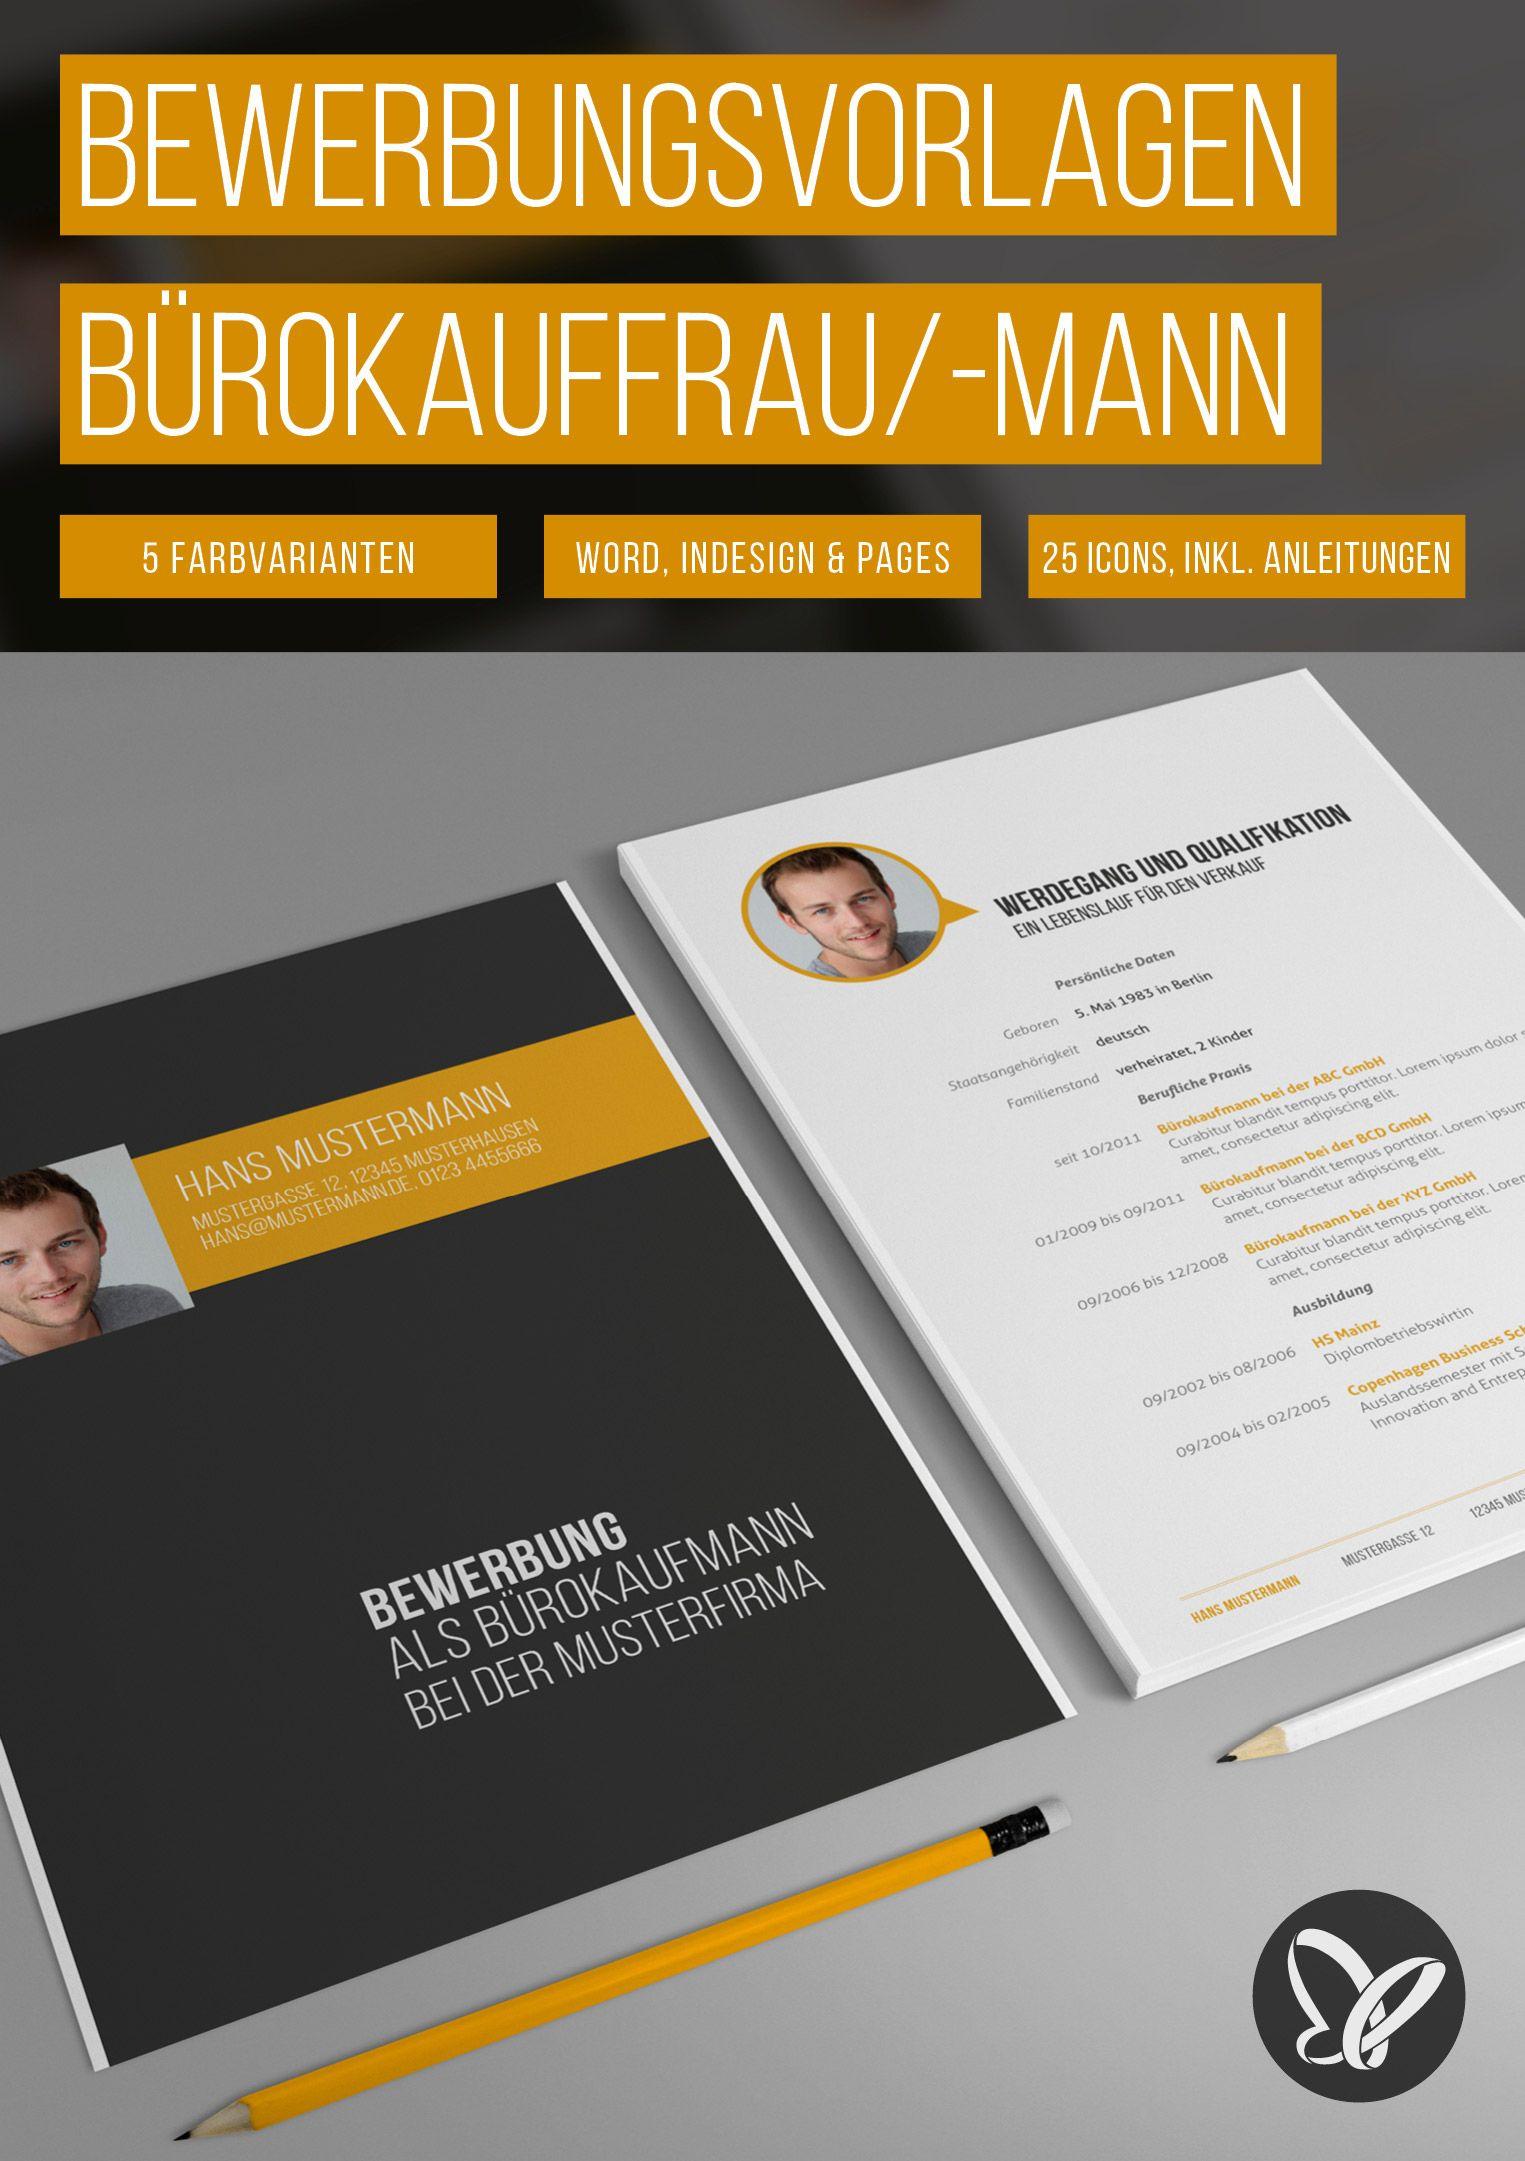 Trainings Vorlagen Fur Photoshop Indesign Affinity Cinema 4d Bewerbung Als Burokauffrau Burokauffrau Kauffrau